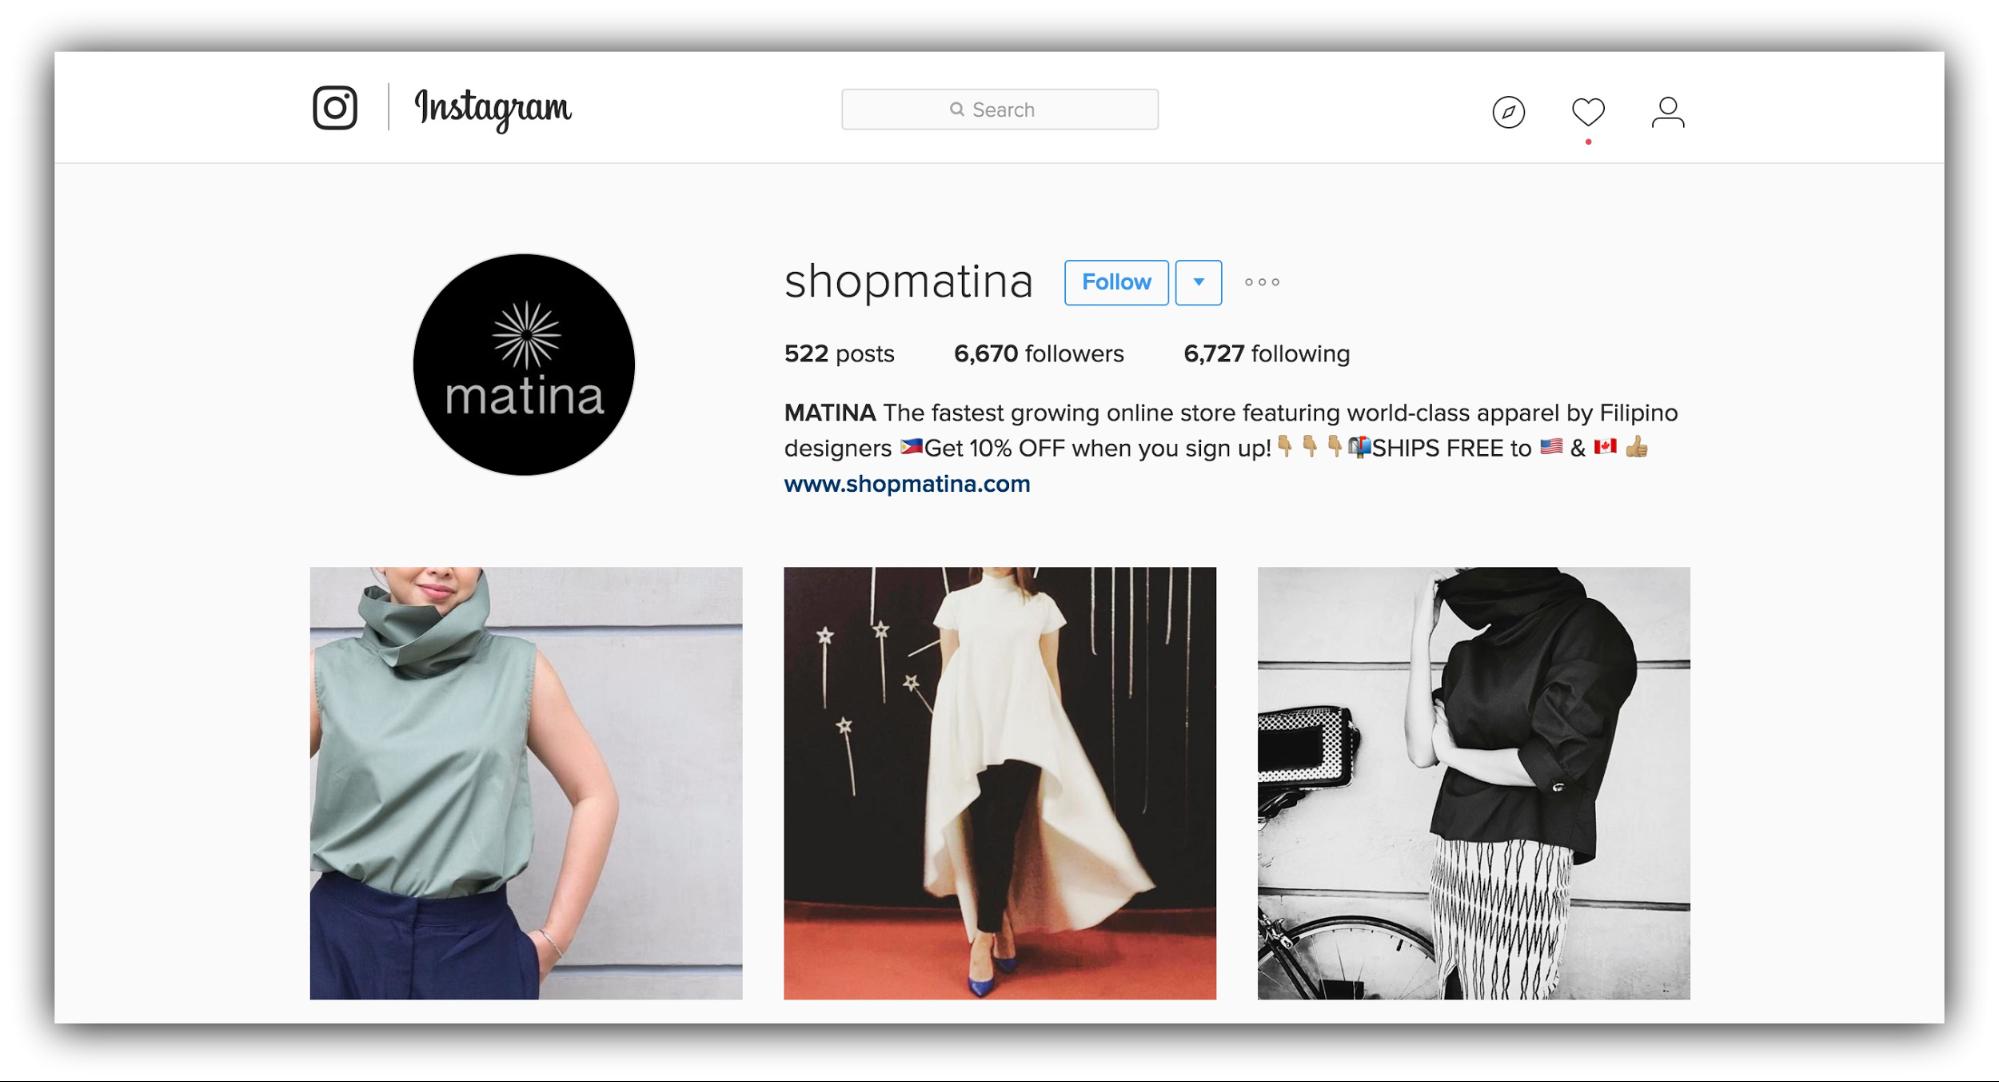 shopmatina instagram